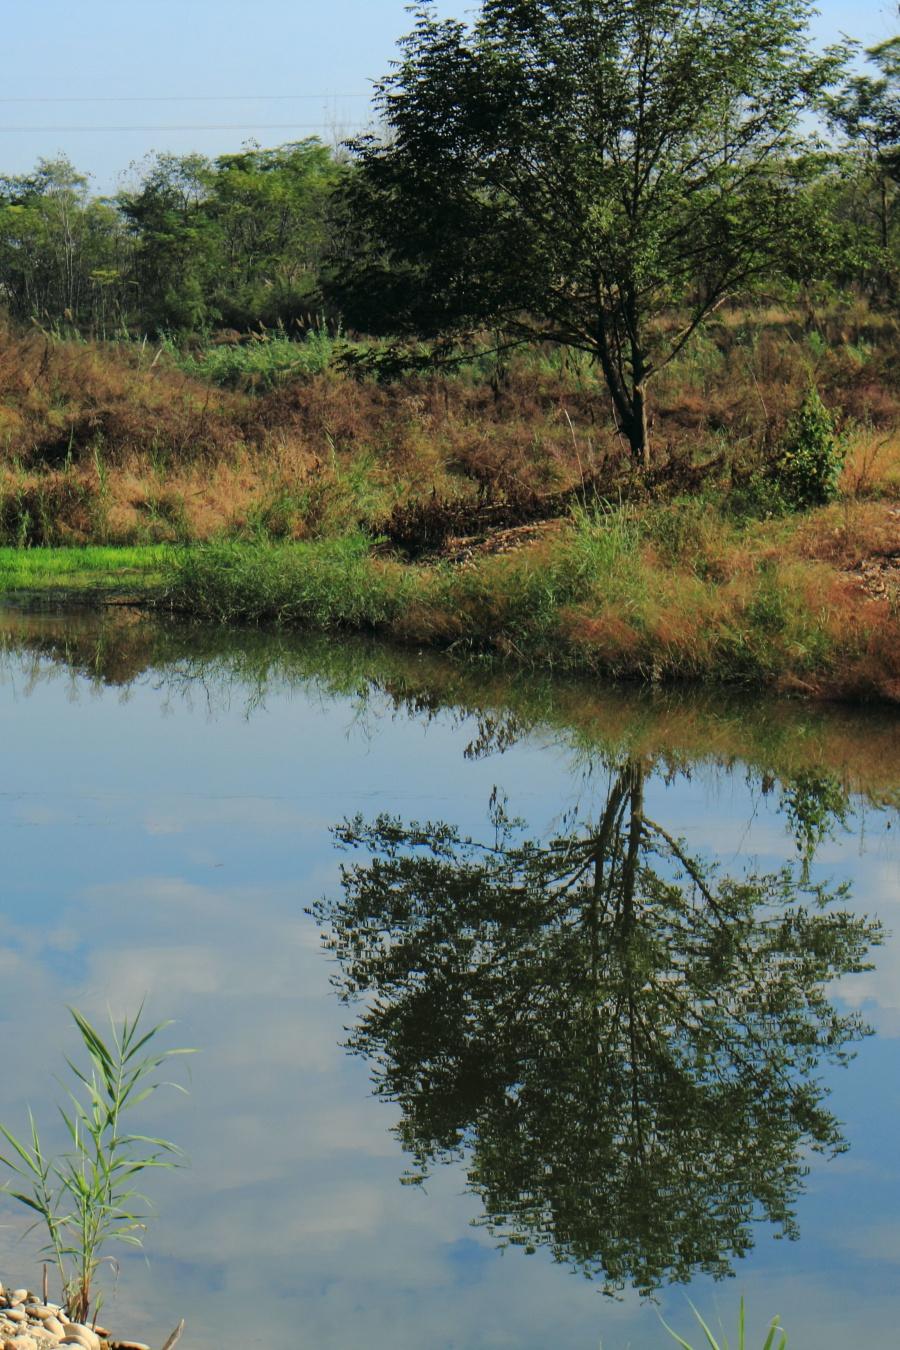 丽水之美:水草丰茂的九龙湿地 - 海军航空兵 - 海军航空兵